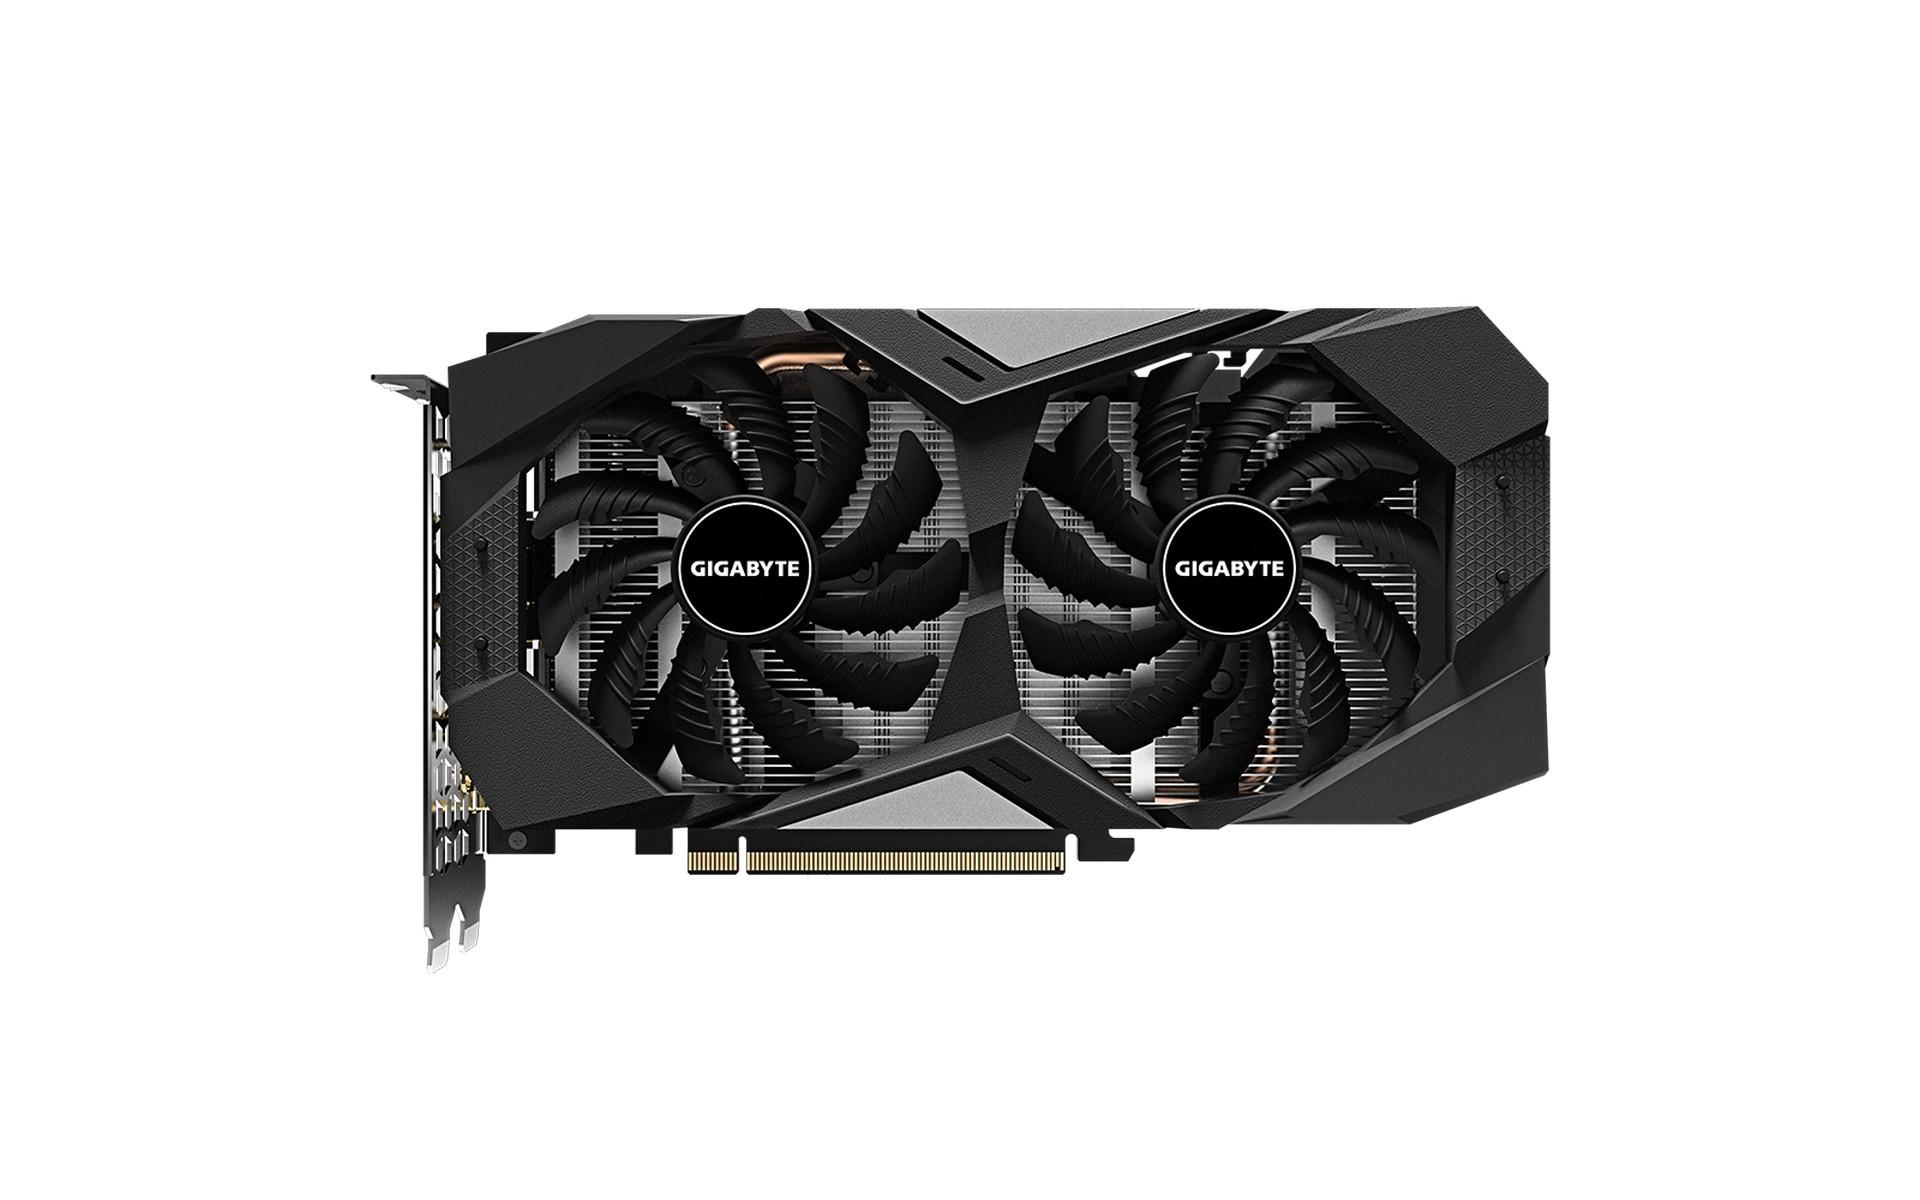 VGA GIGABYTE GeForce GTX 1660 OC 6G được thiết kế với hệ thống làm mát WINDFORCE 2X